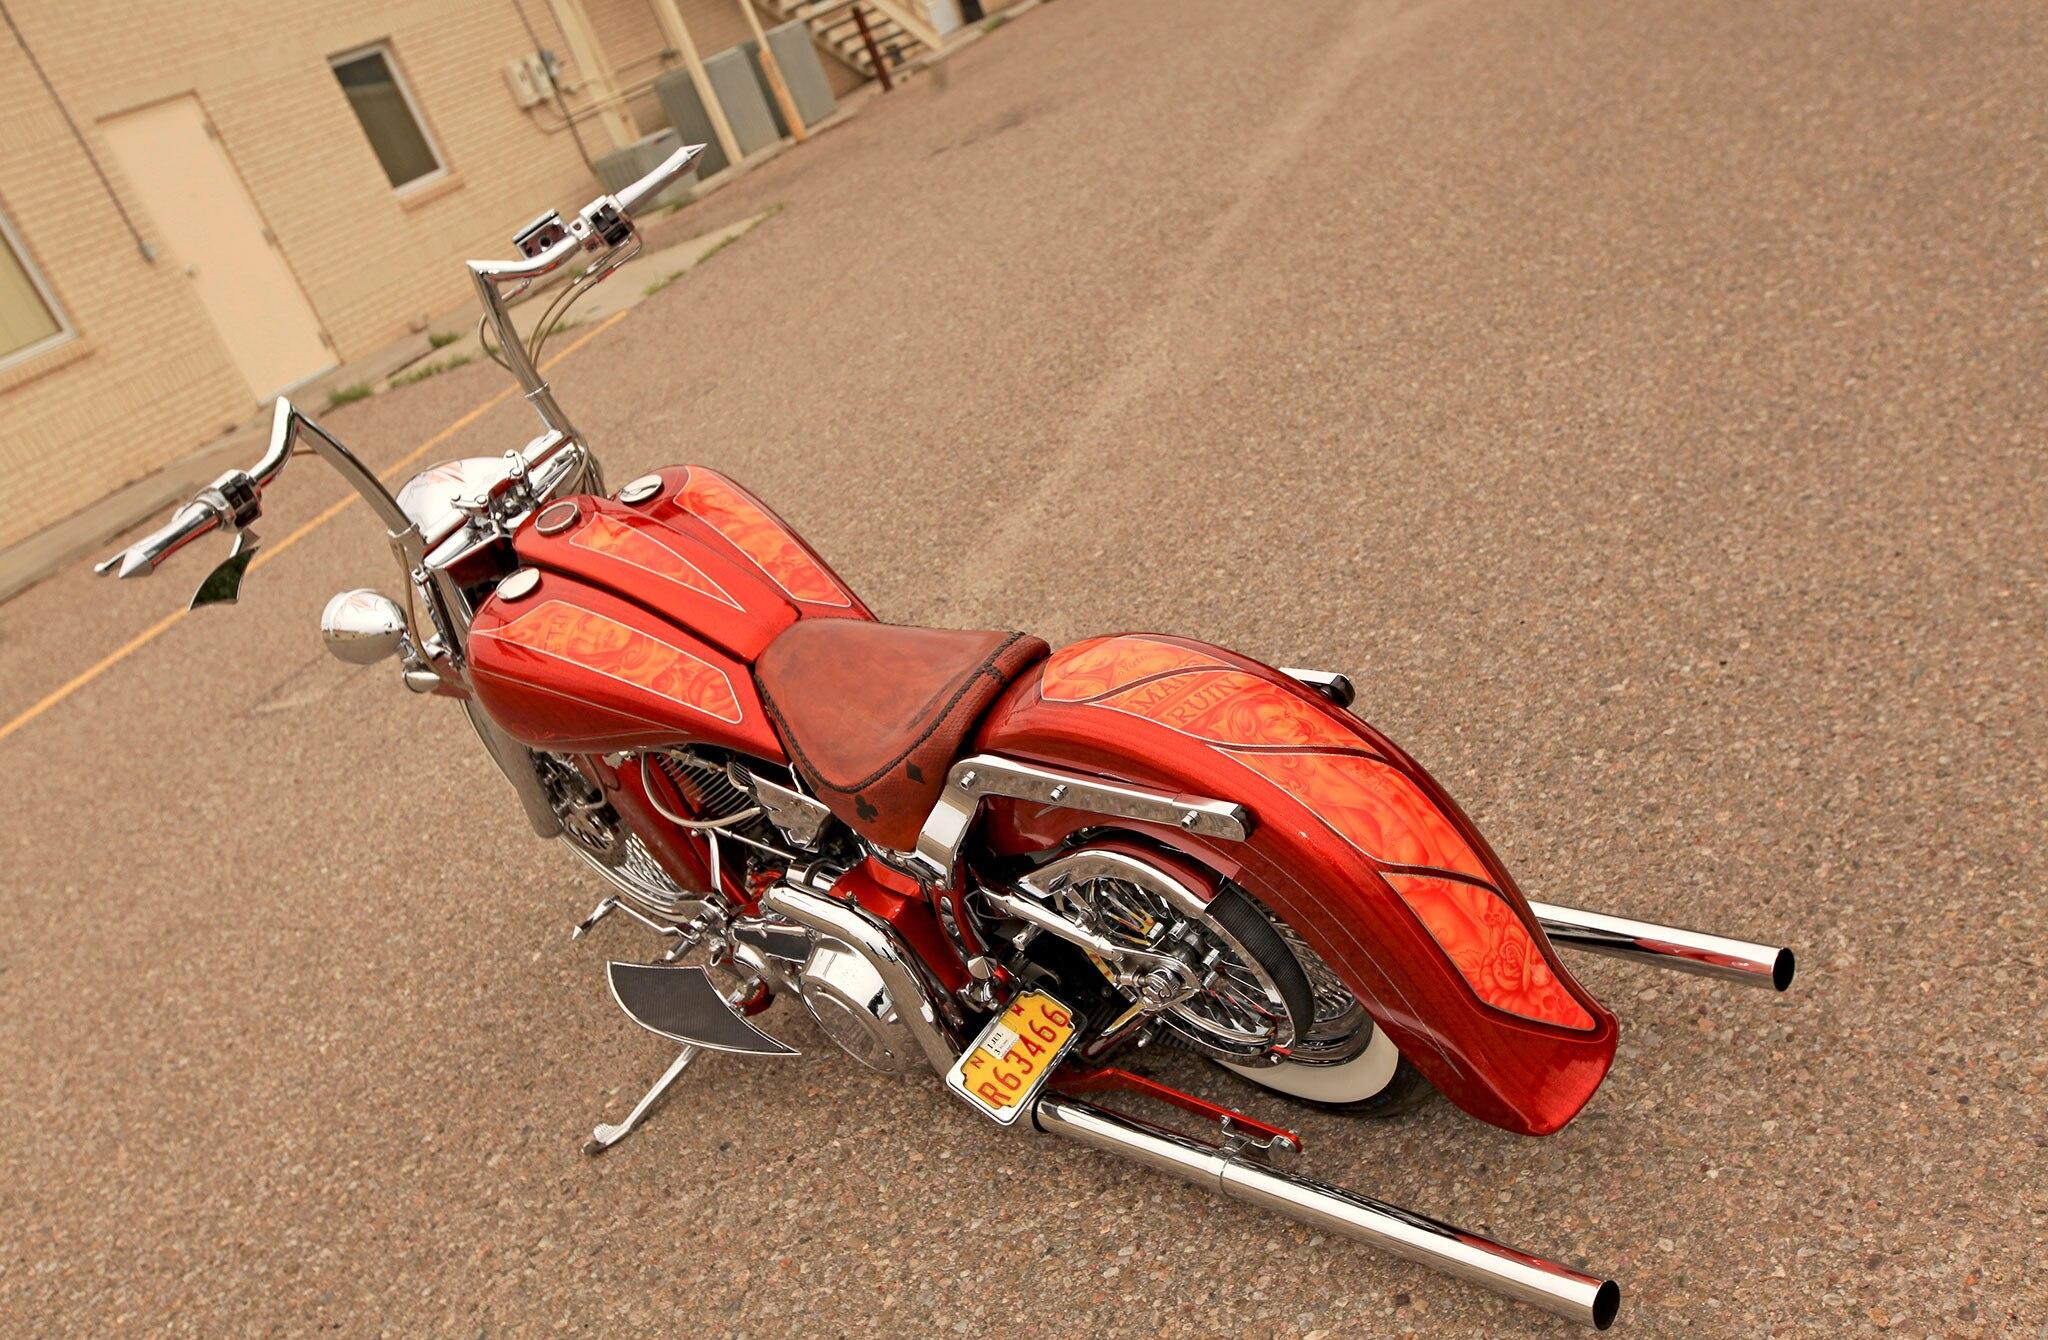 1987 Harley-Davidson Softail - Man's Ruin